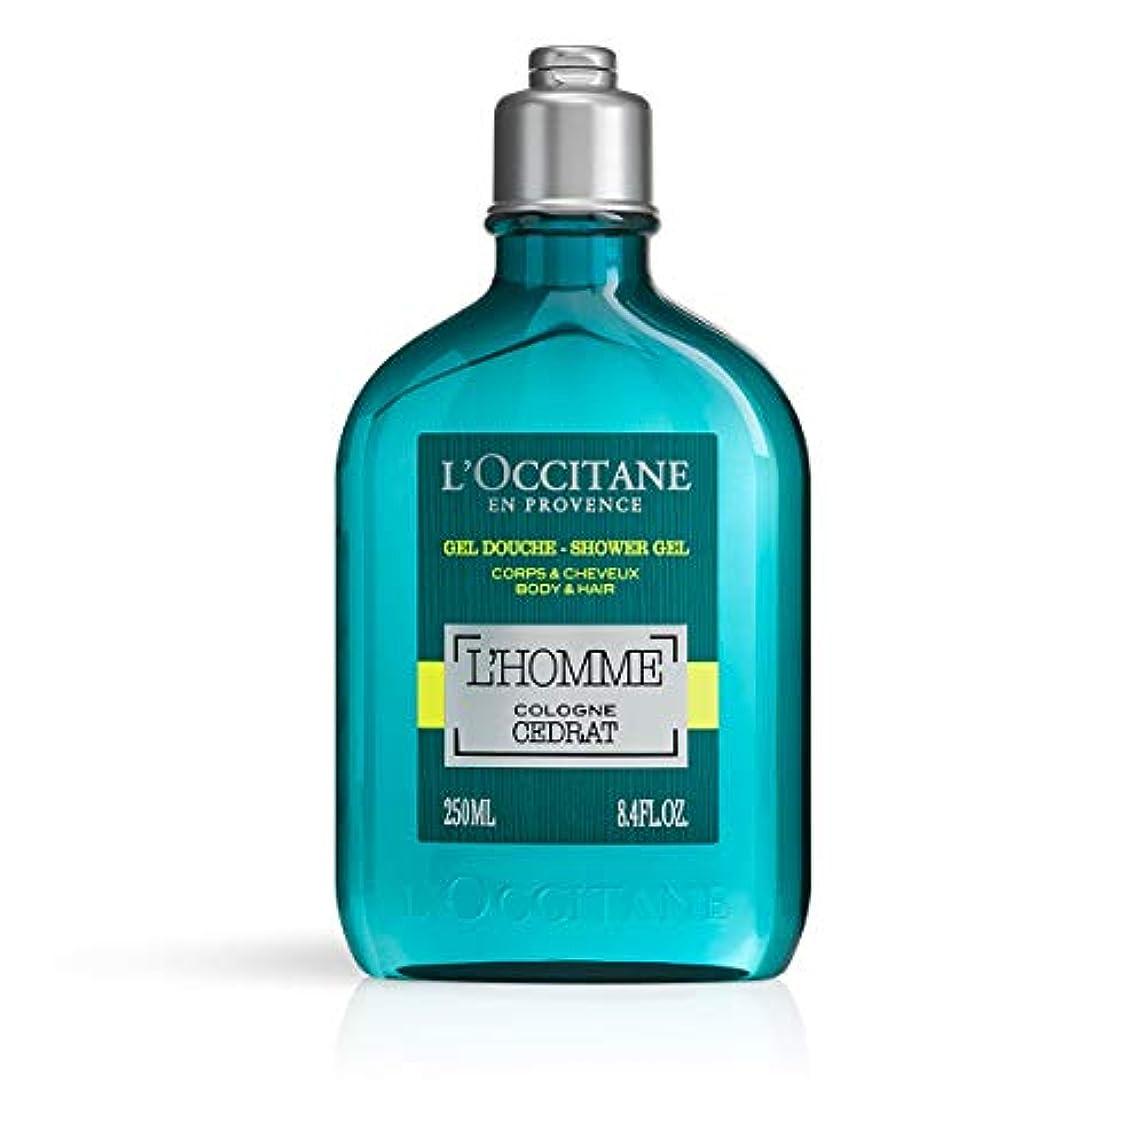 累計力浴ロクシタン(L'OCCITANE) セドラオム シャワージェル 250ml